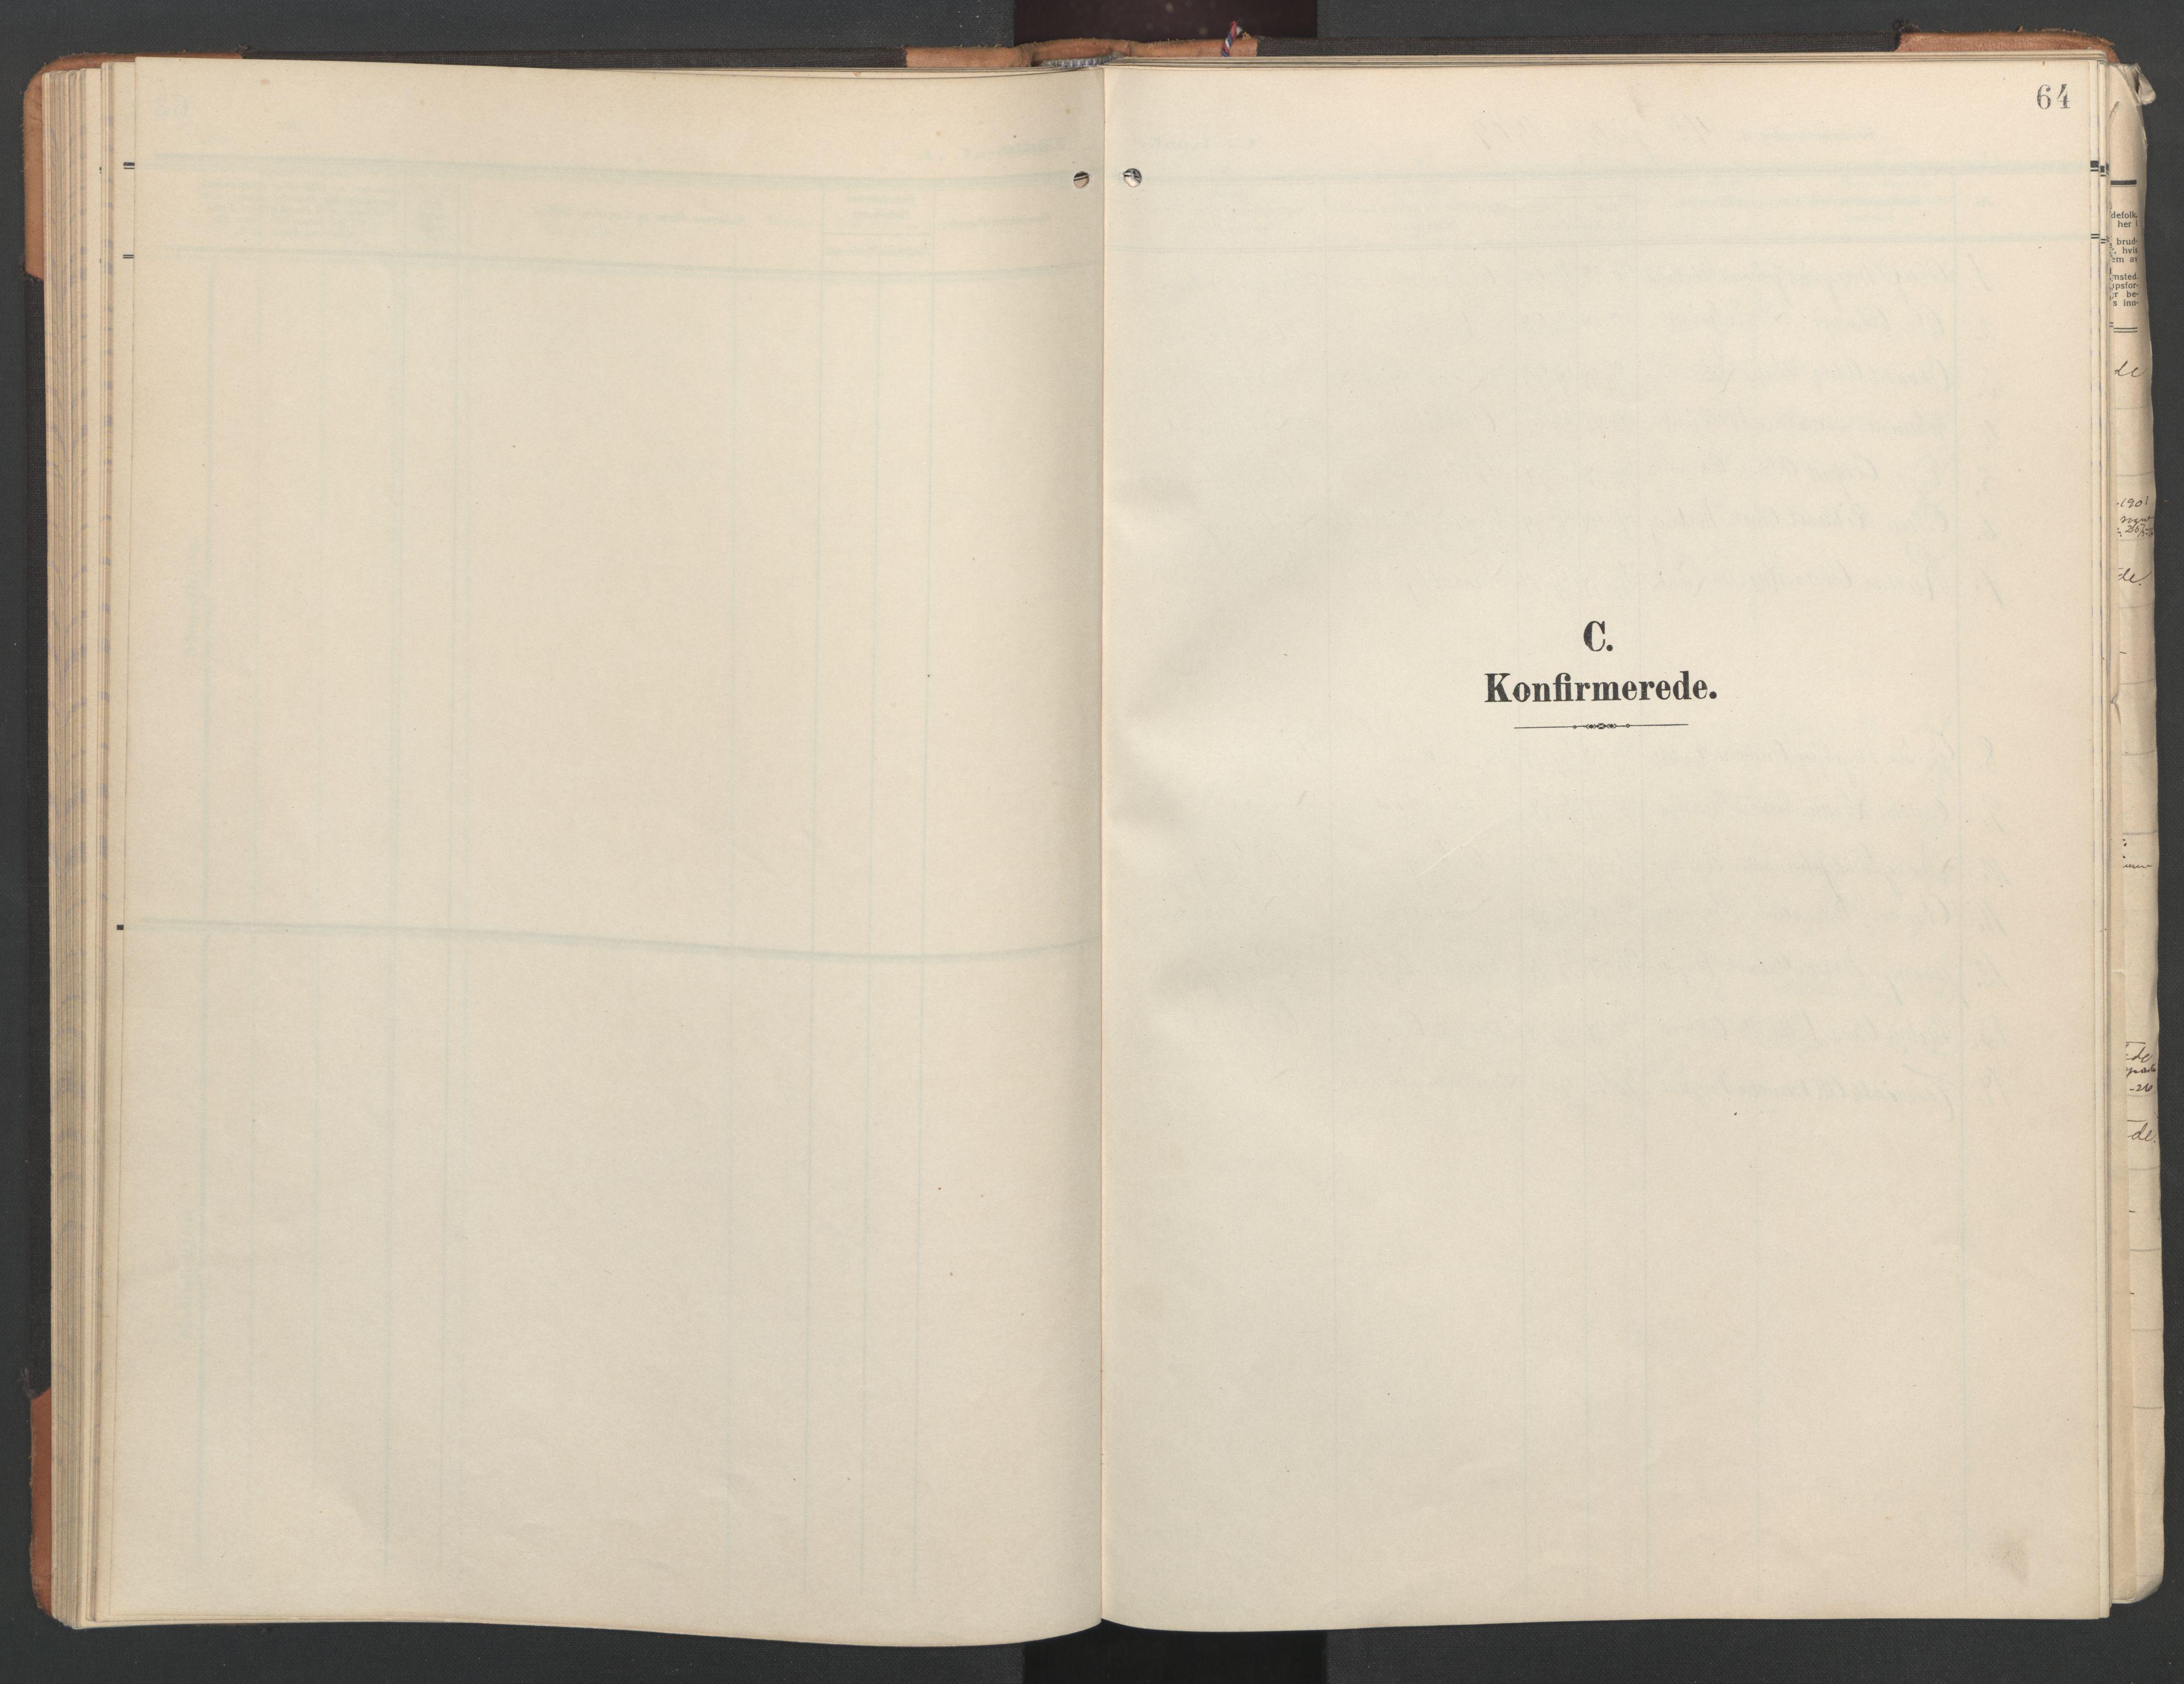 SAT, Ministerialprotokoller, klokkerbøker og fødselsregistre - Nord-Trøndelag, 746/L0455: Klokkerbok nr. 746C01, 1908-1933, s. 64